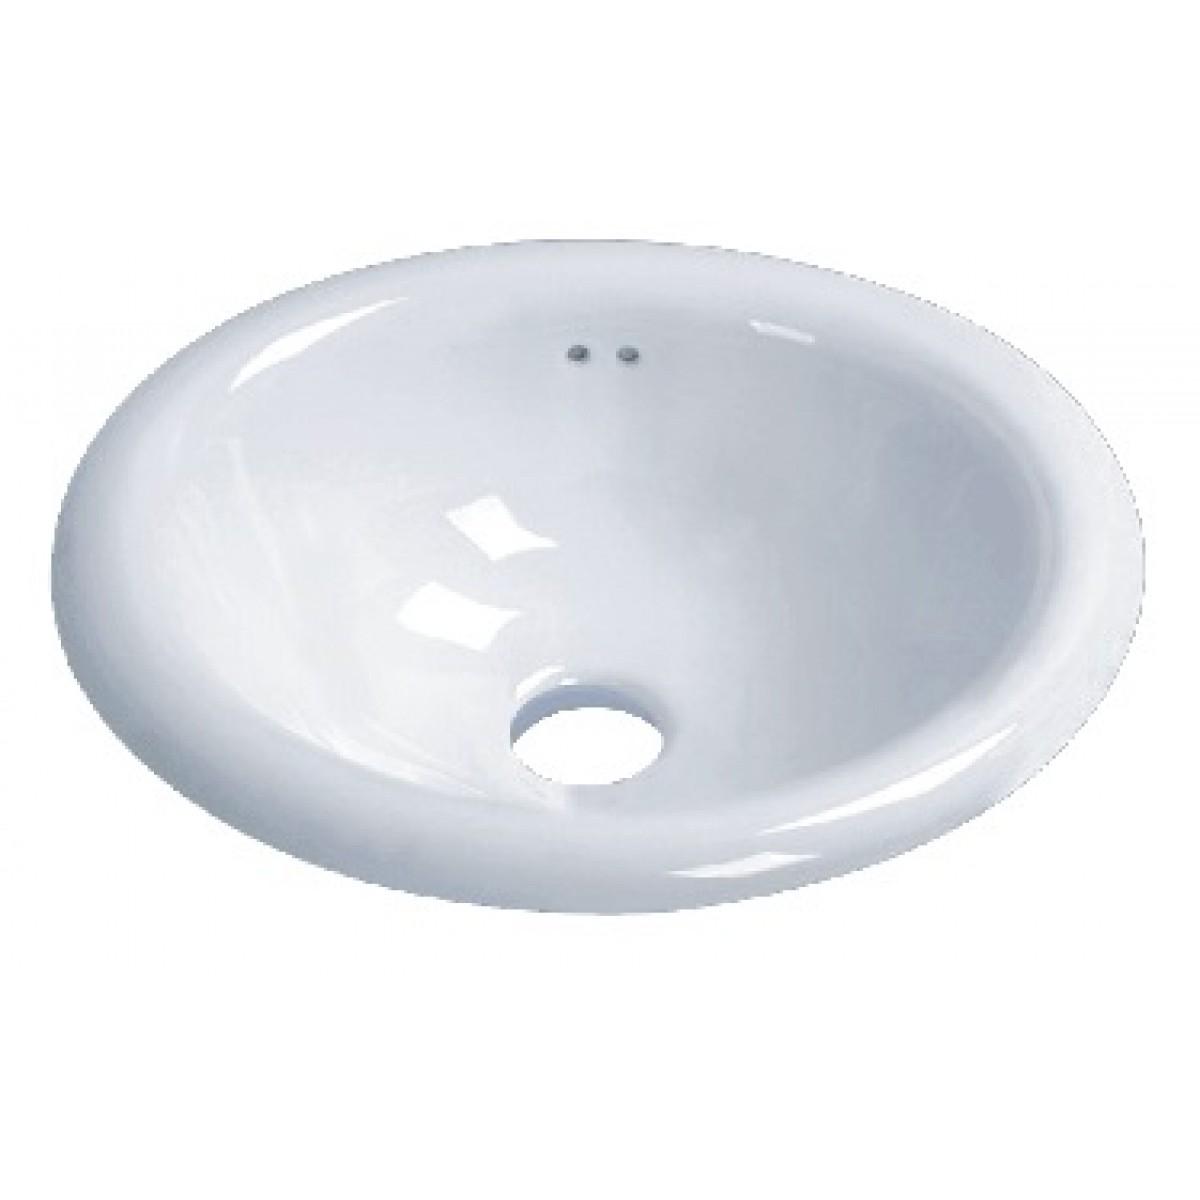 Porcelain Ceramic Vanity Drop In Bathroom Vessel Sink 17